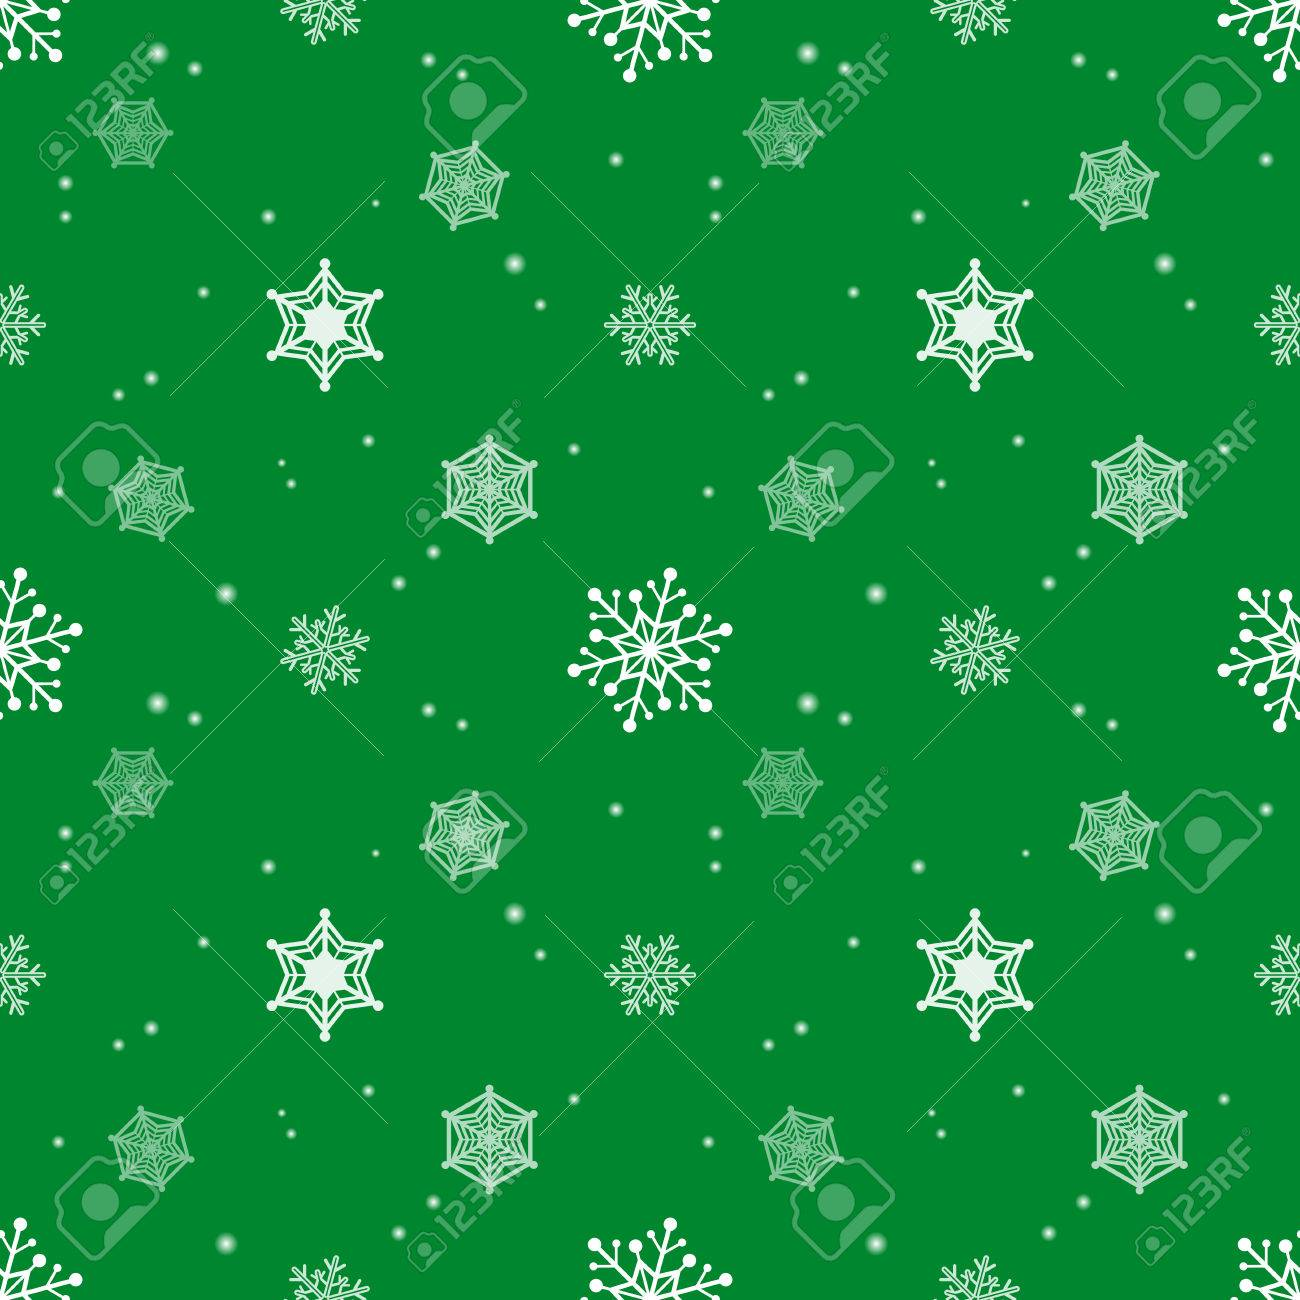 Schneeflocke Grüne Farbe Hintergrund, Tapeten Weihnachten Muster ...